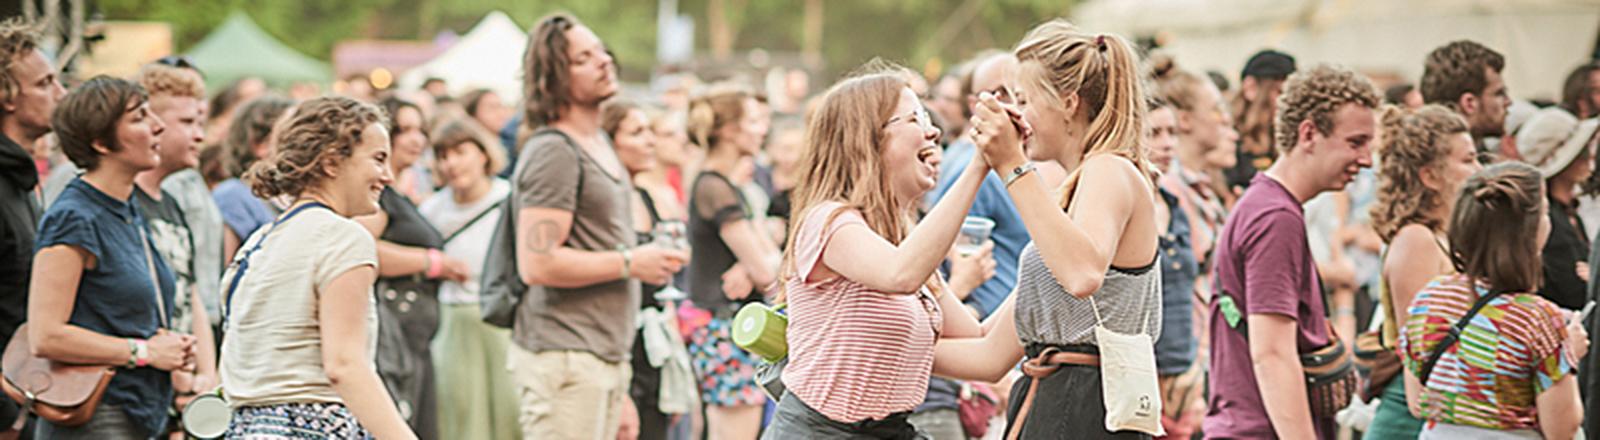 In einer Menschenmenge tanzen zwei Frauen.